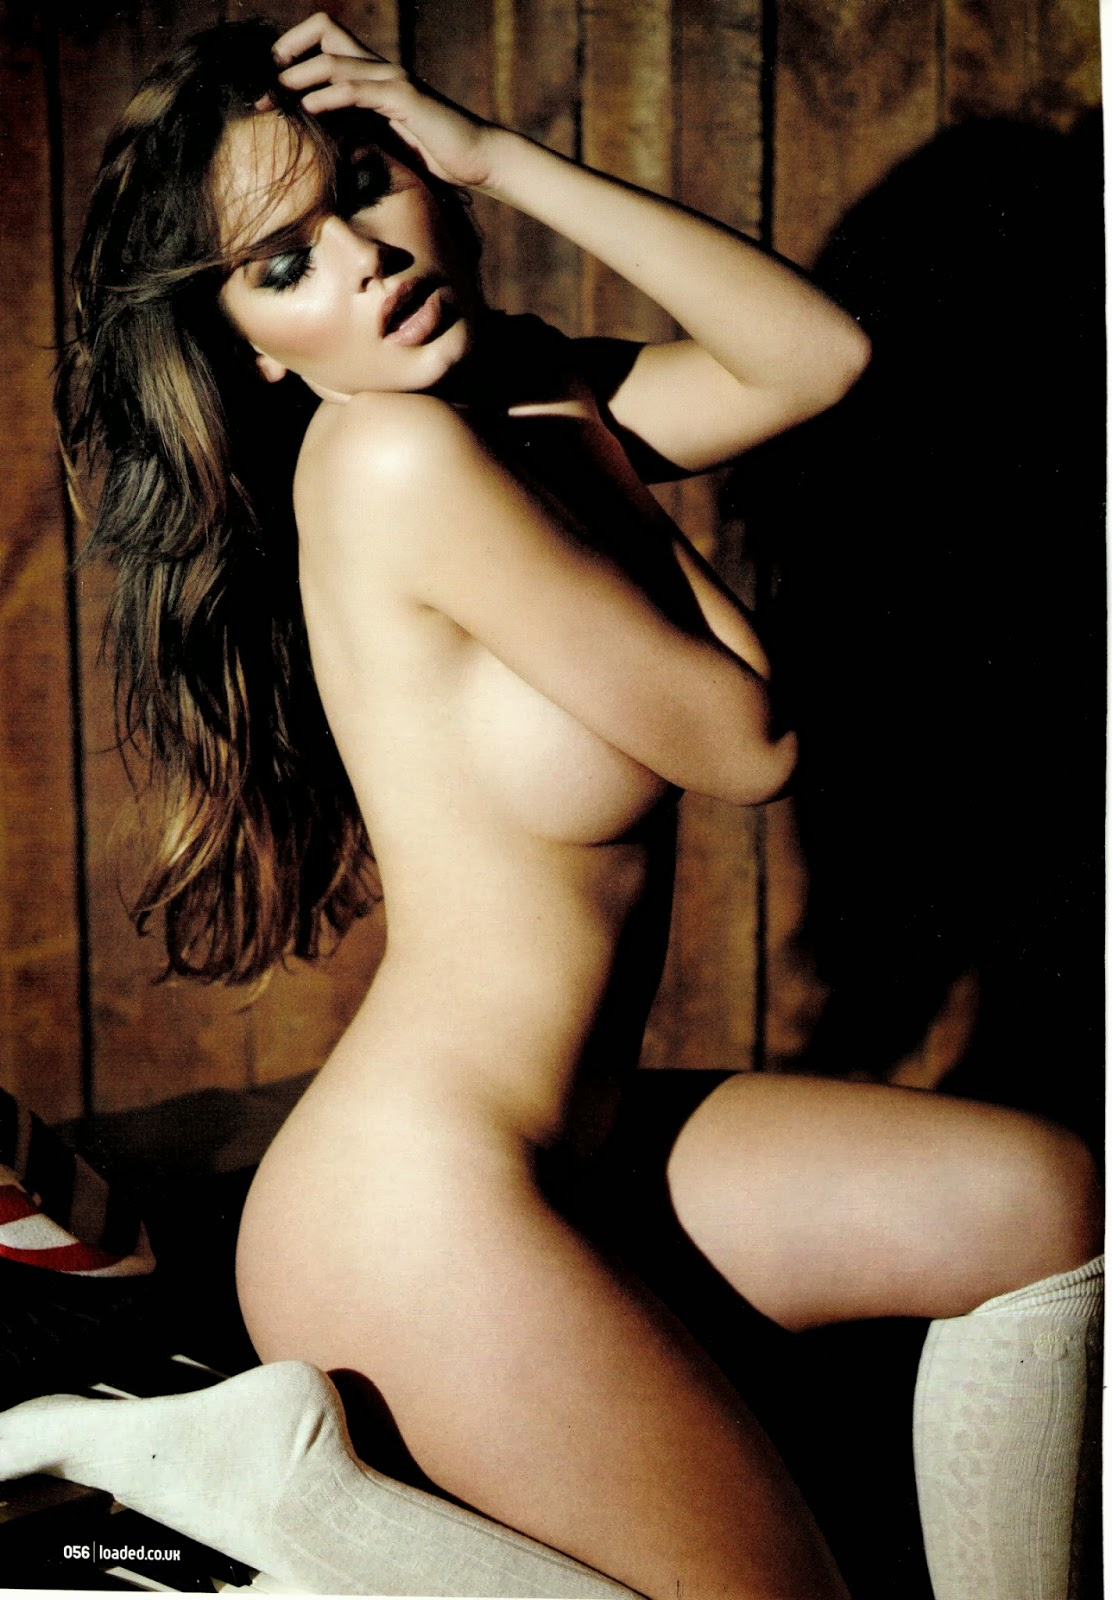 chica 1X2 pronóstico quiniela Playboy rubia fotos vídeos pics hot blonde Playmate culo desnuda tetas chica 1x2